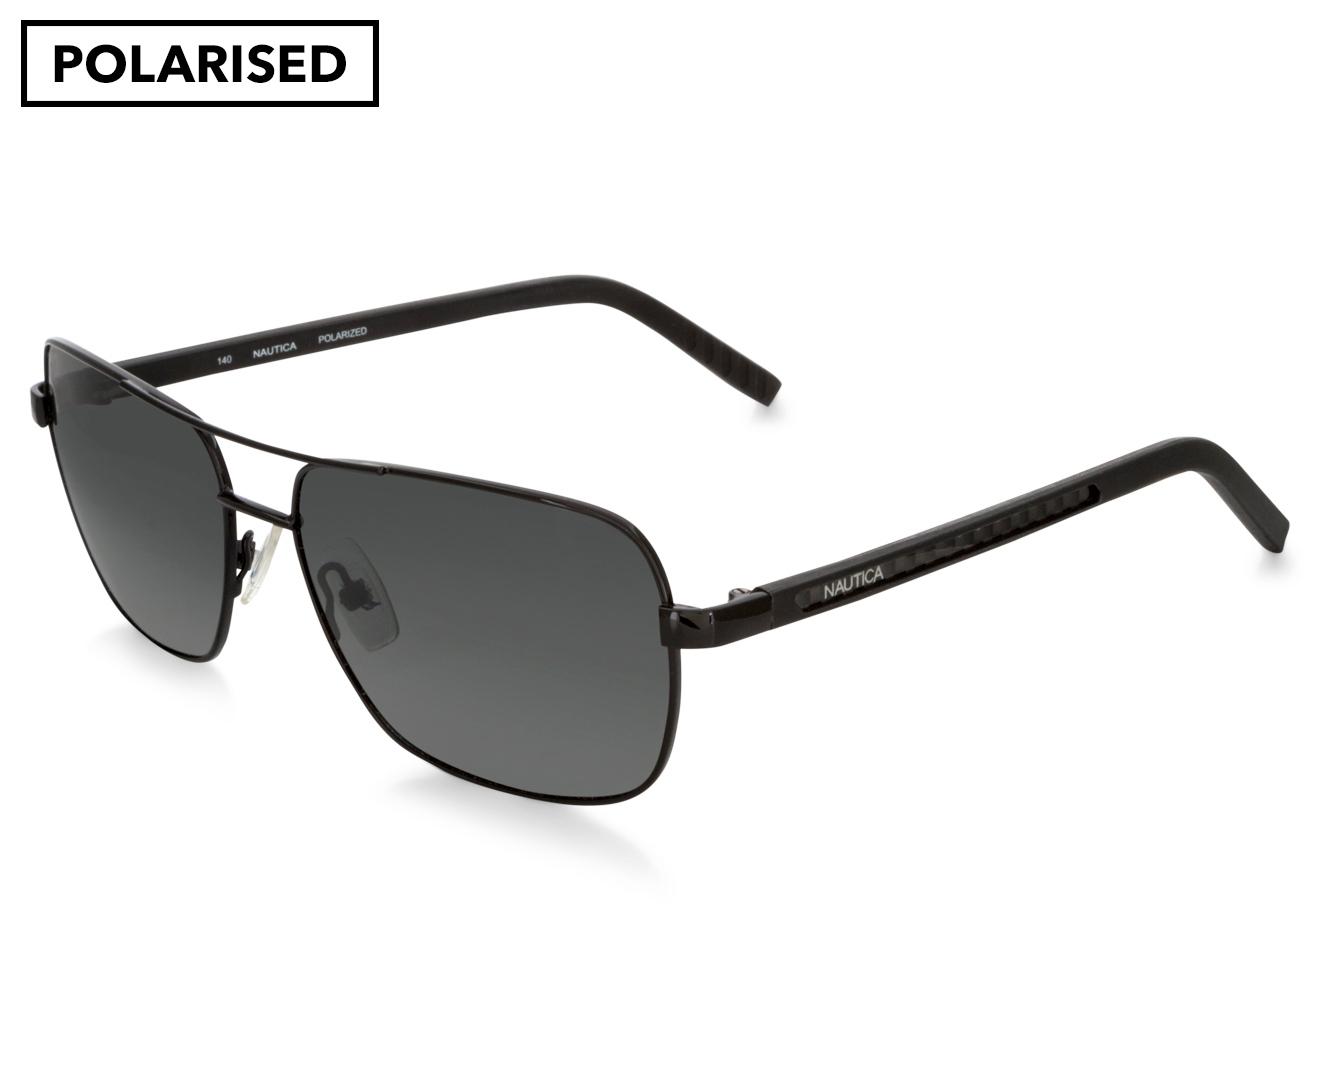 bbf04ac38c Nautica Men s Square Aviator Polarised Sunglasses - Black